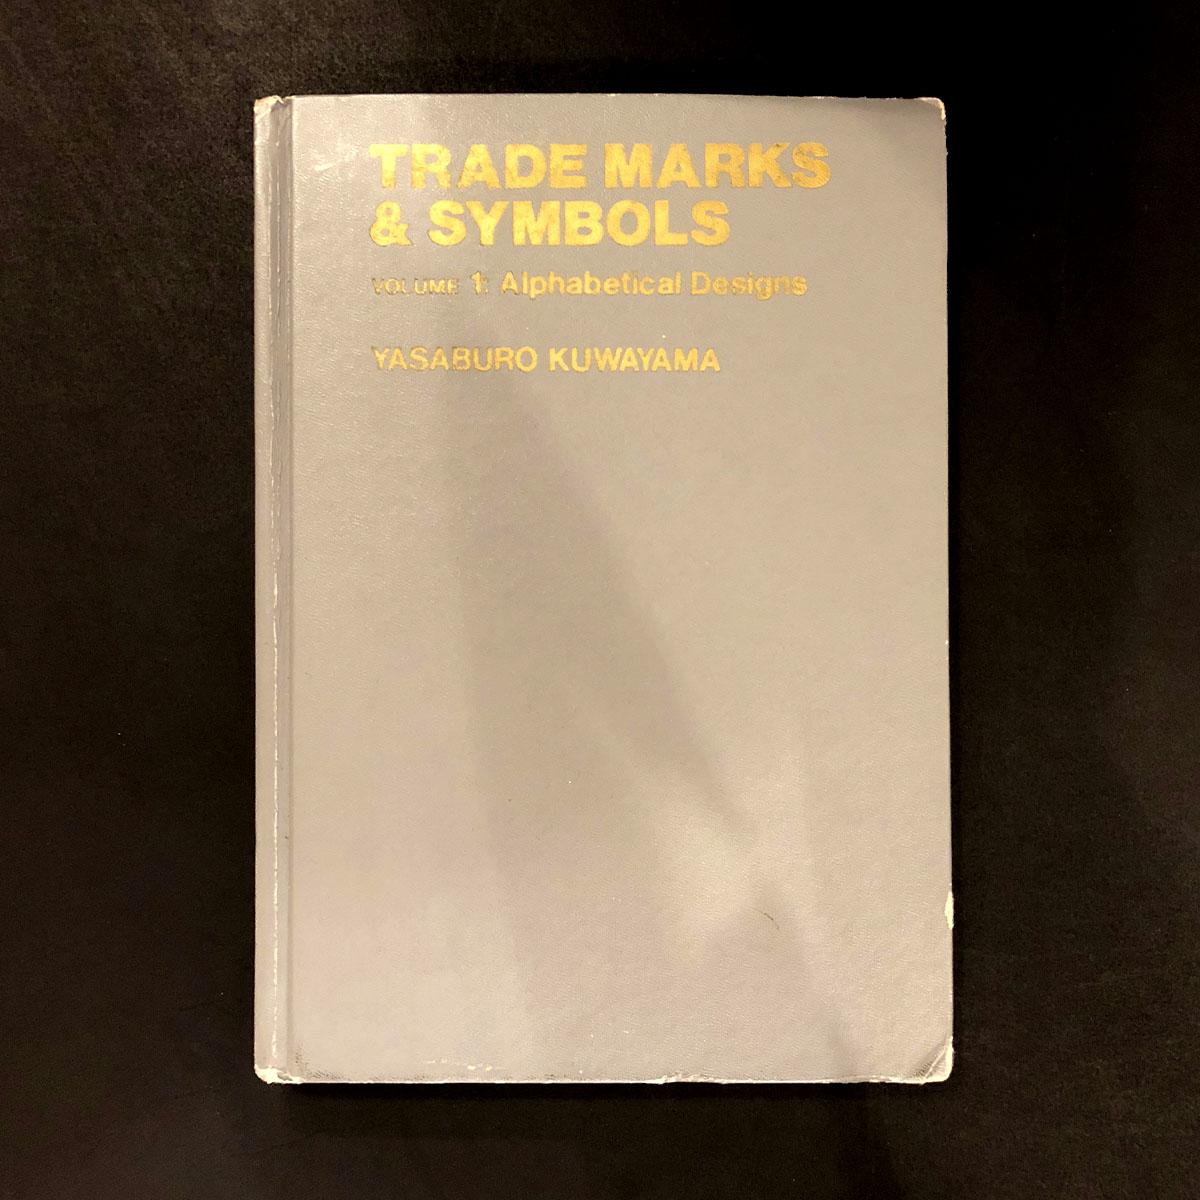 Books Layered_0002_IMG_1105.jpg